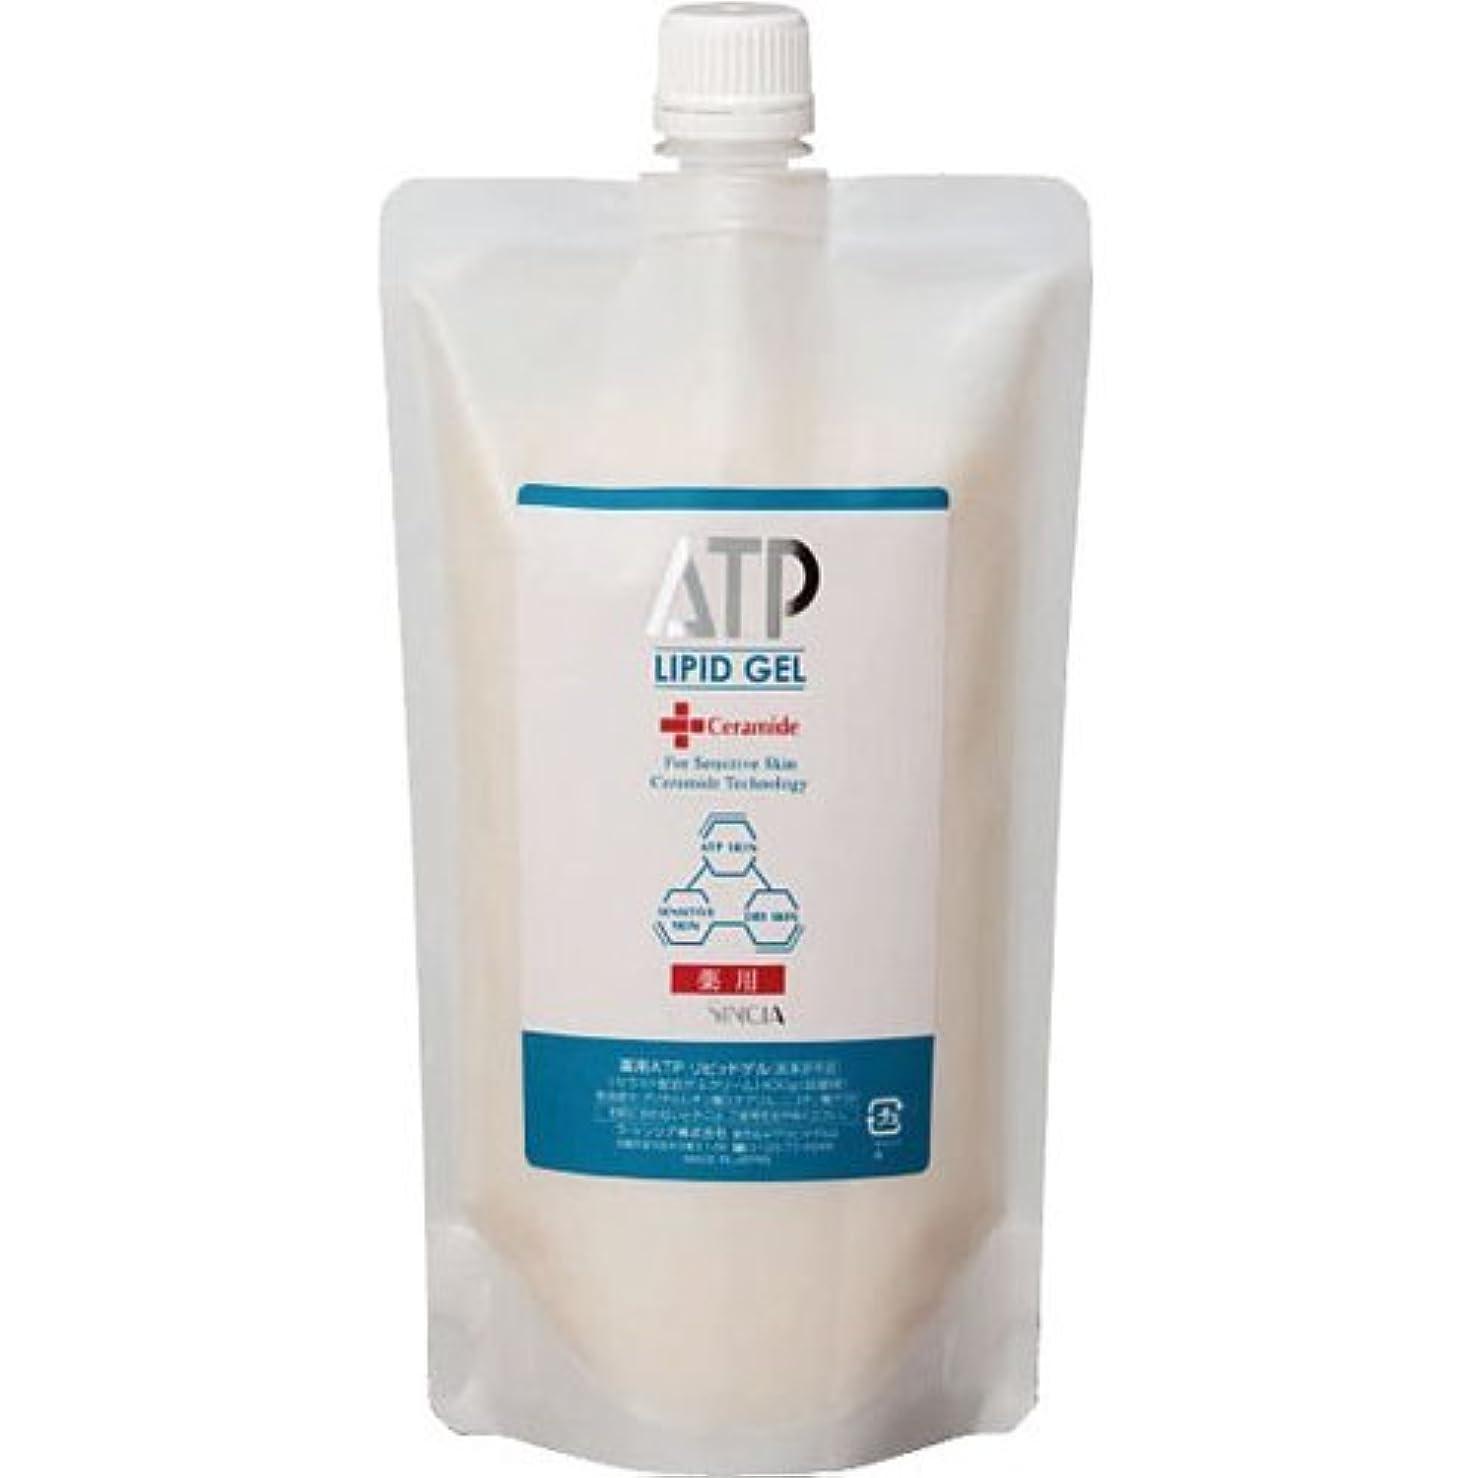 意志に反するスリラー試すラシンシア 薬用ATPリピッドゲル 400g(詰替用) 【セラミド配合ゲルクリーム】